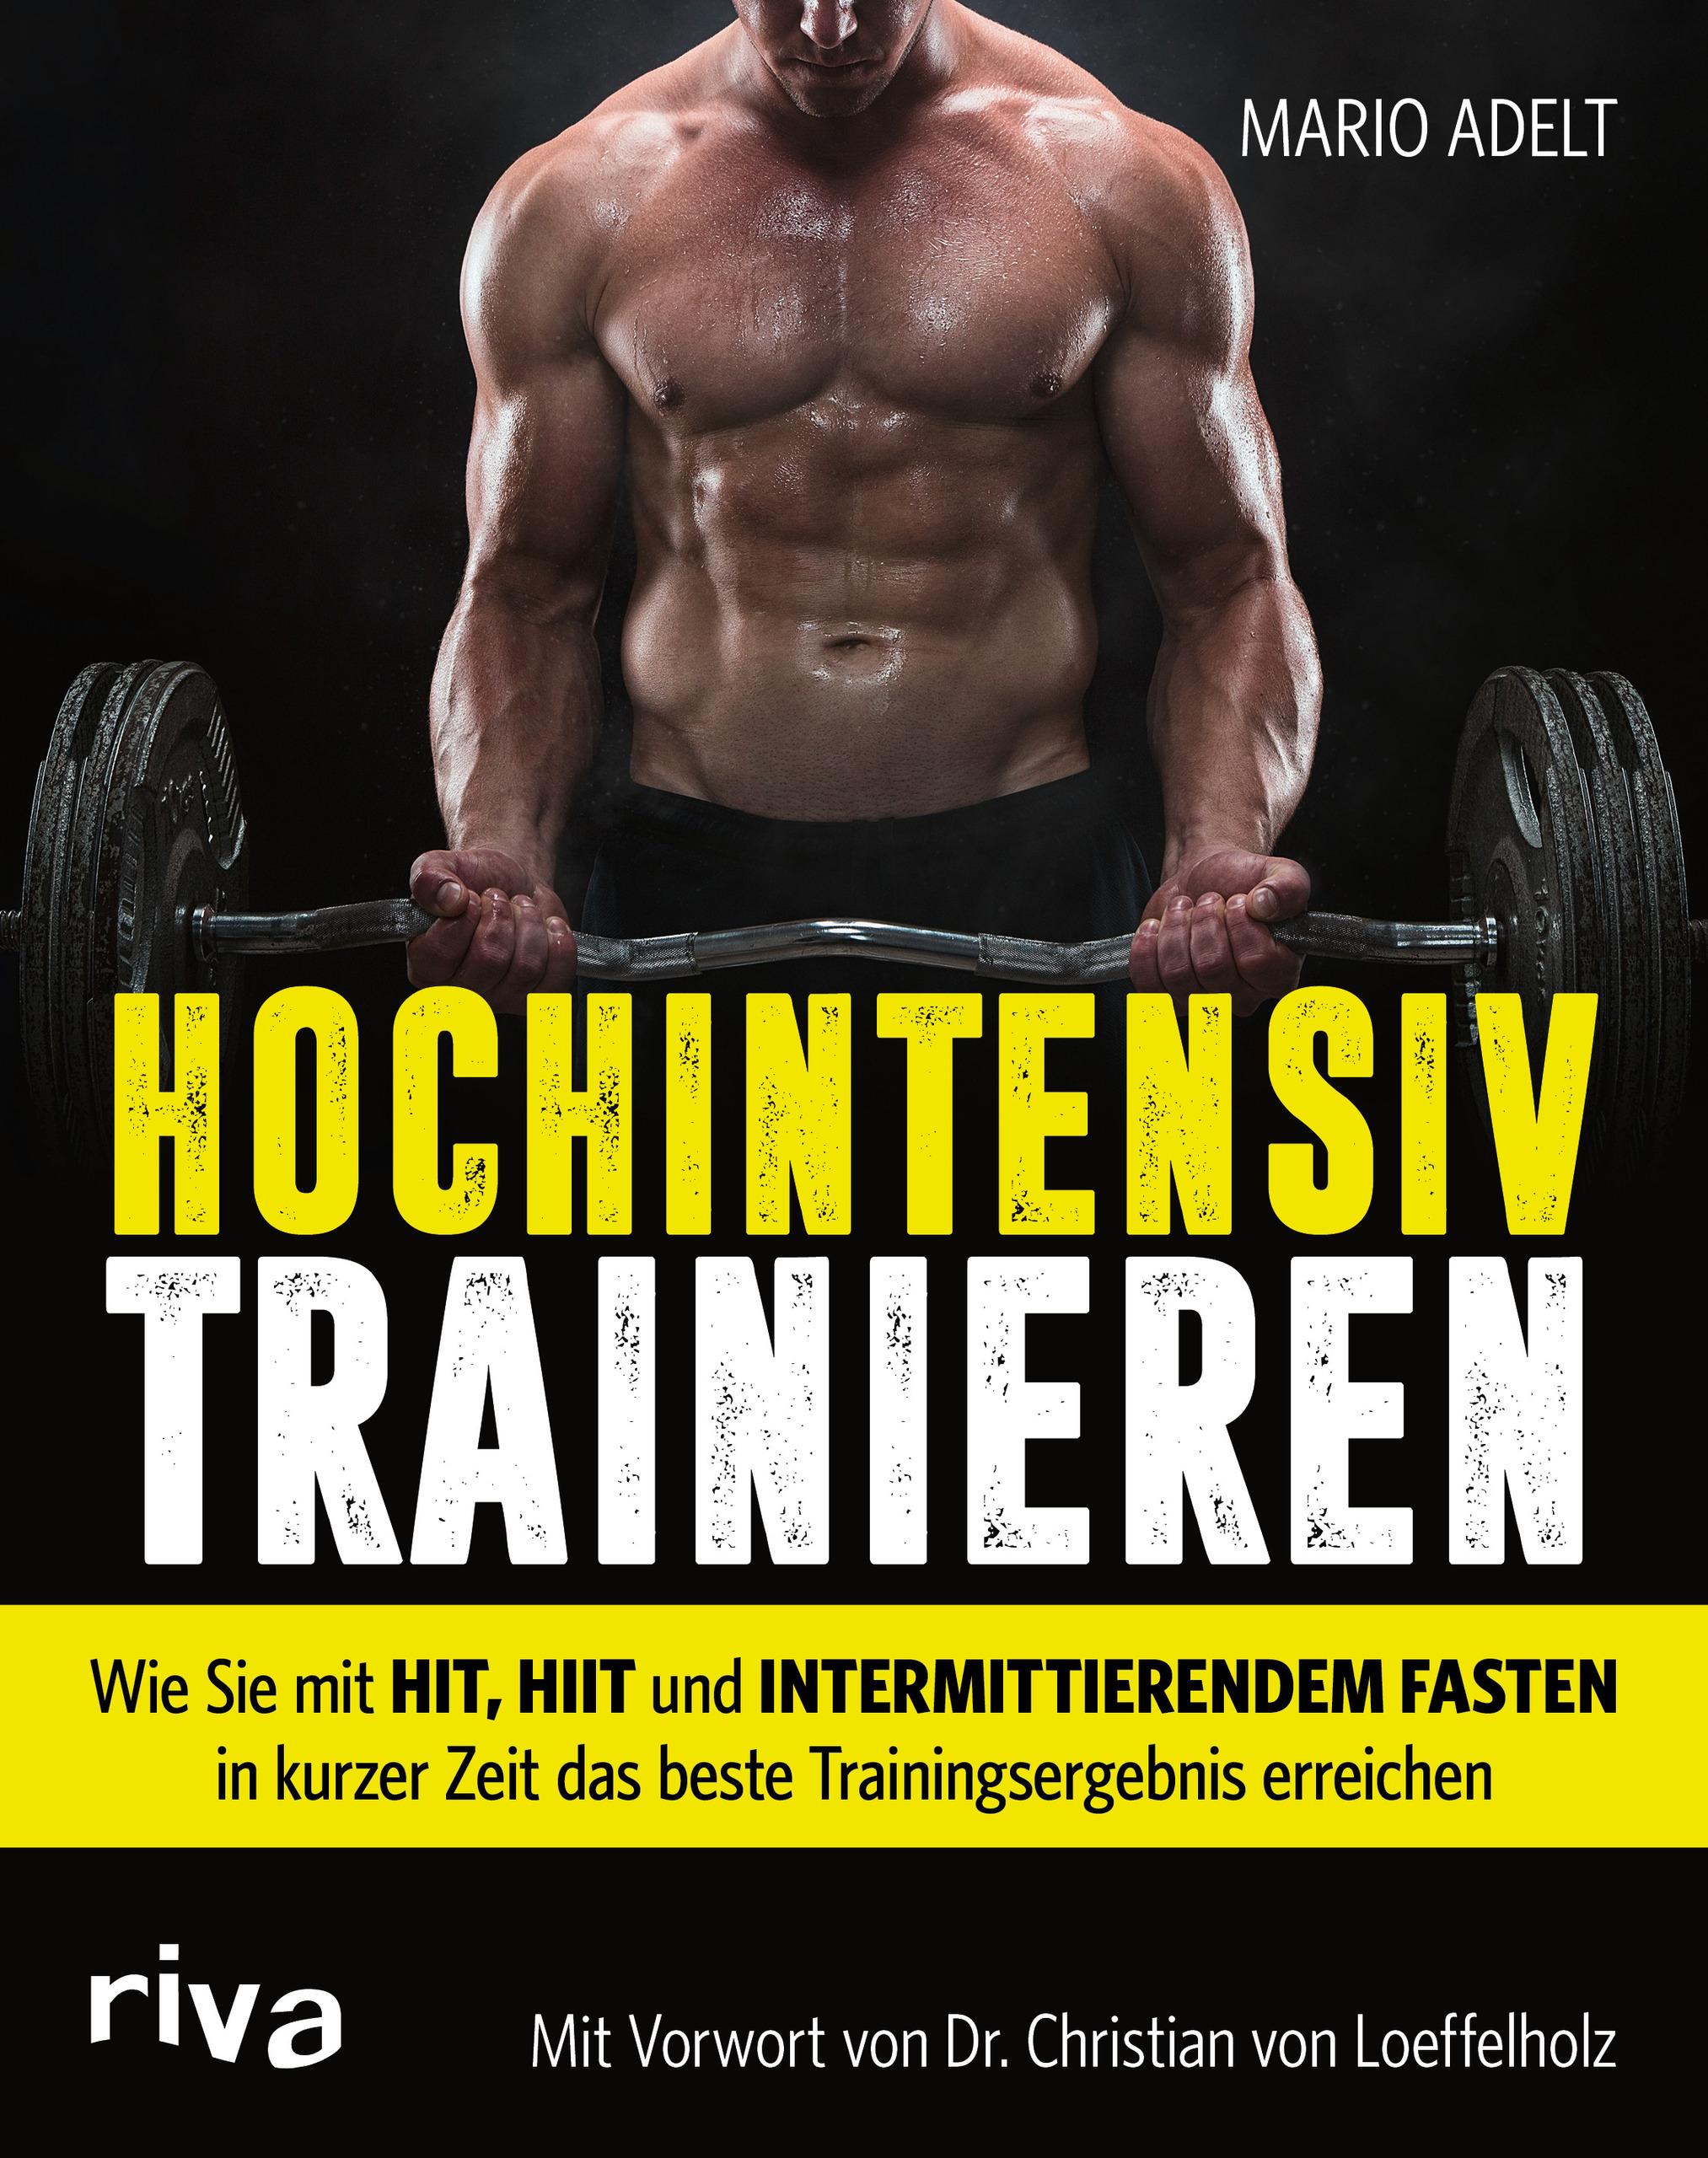 Hochintensiv trainieren (Buch) Mängelexemplar